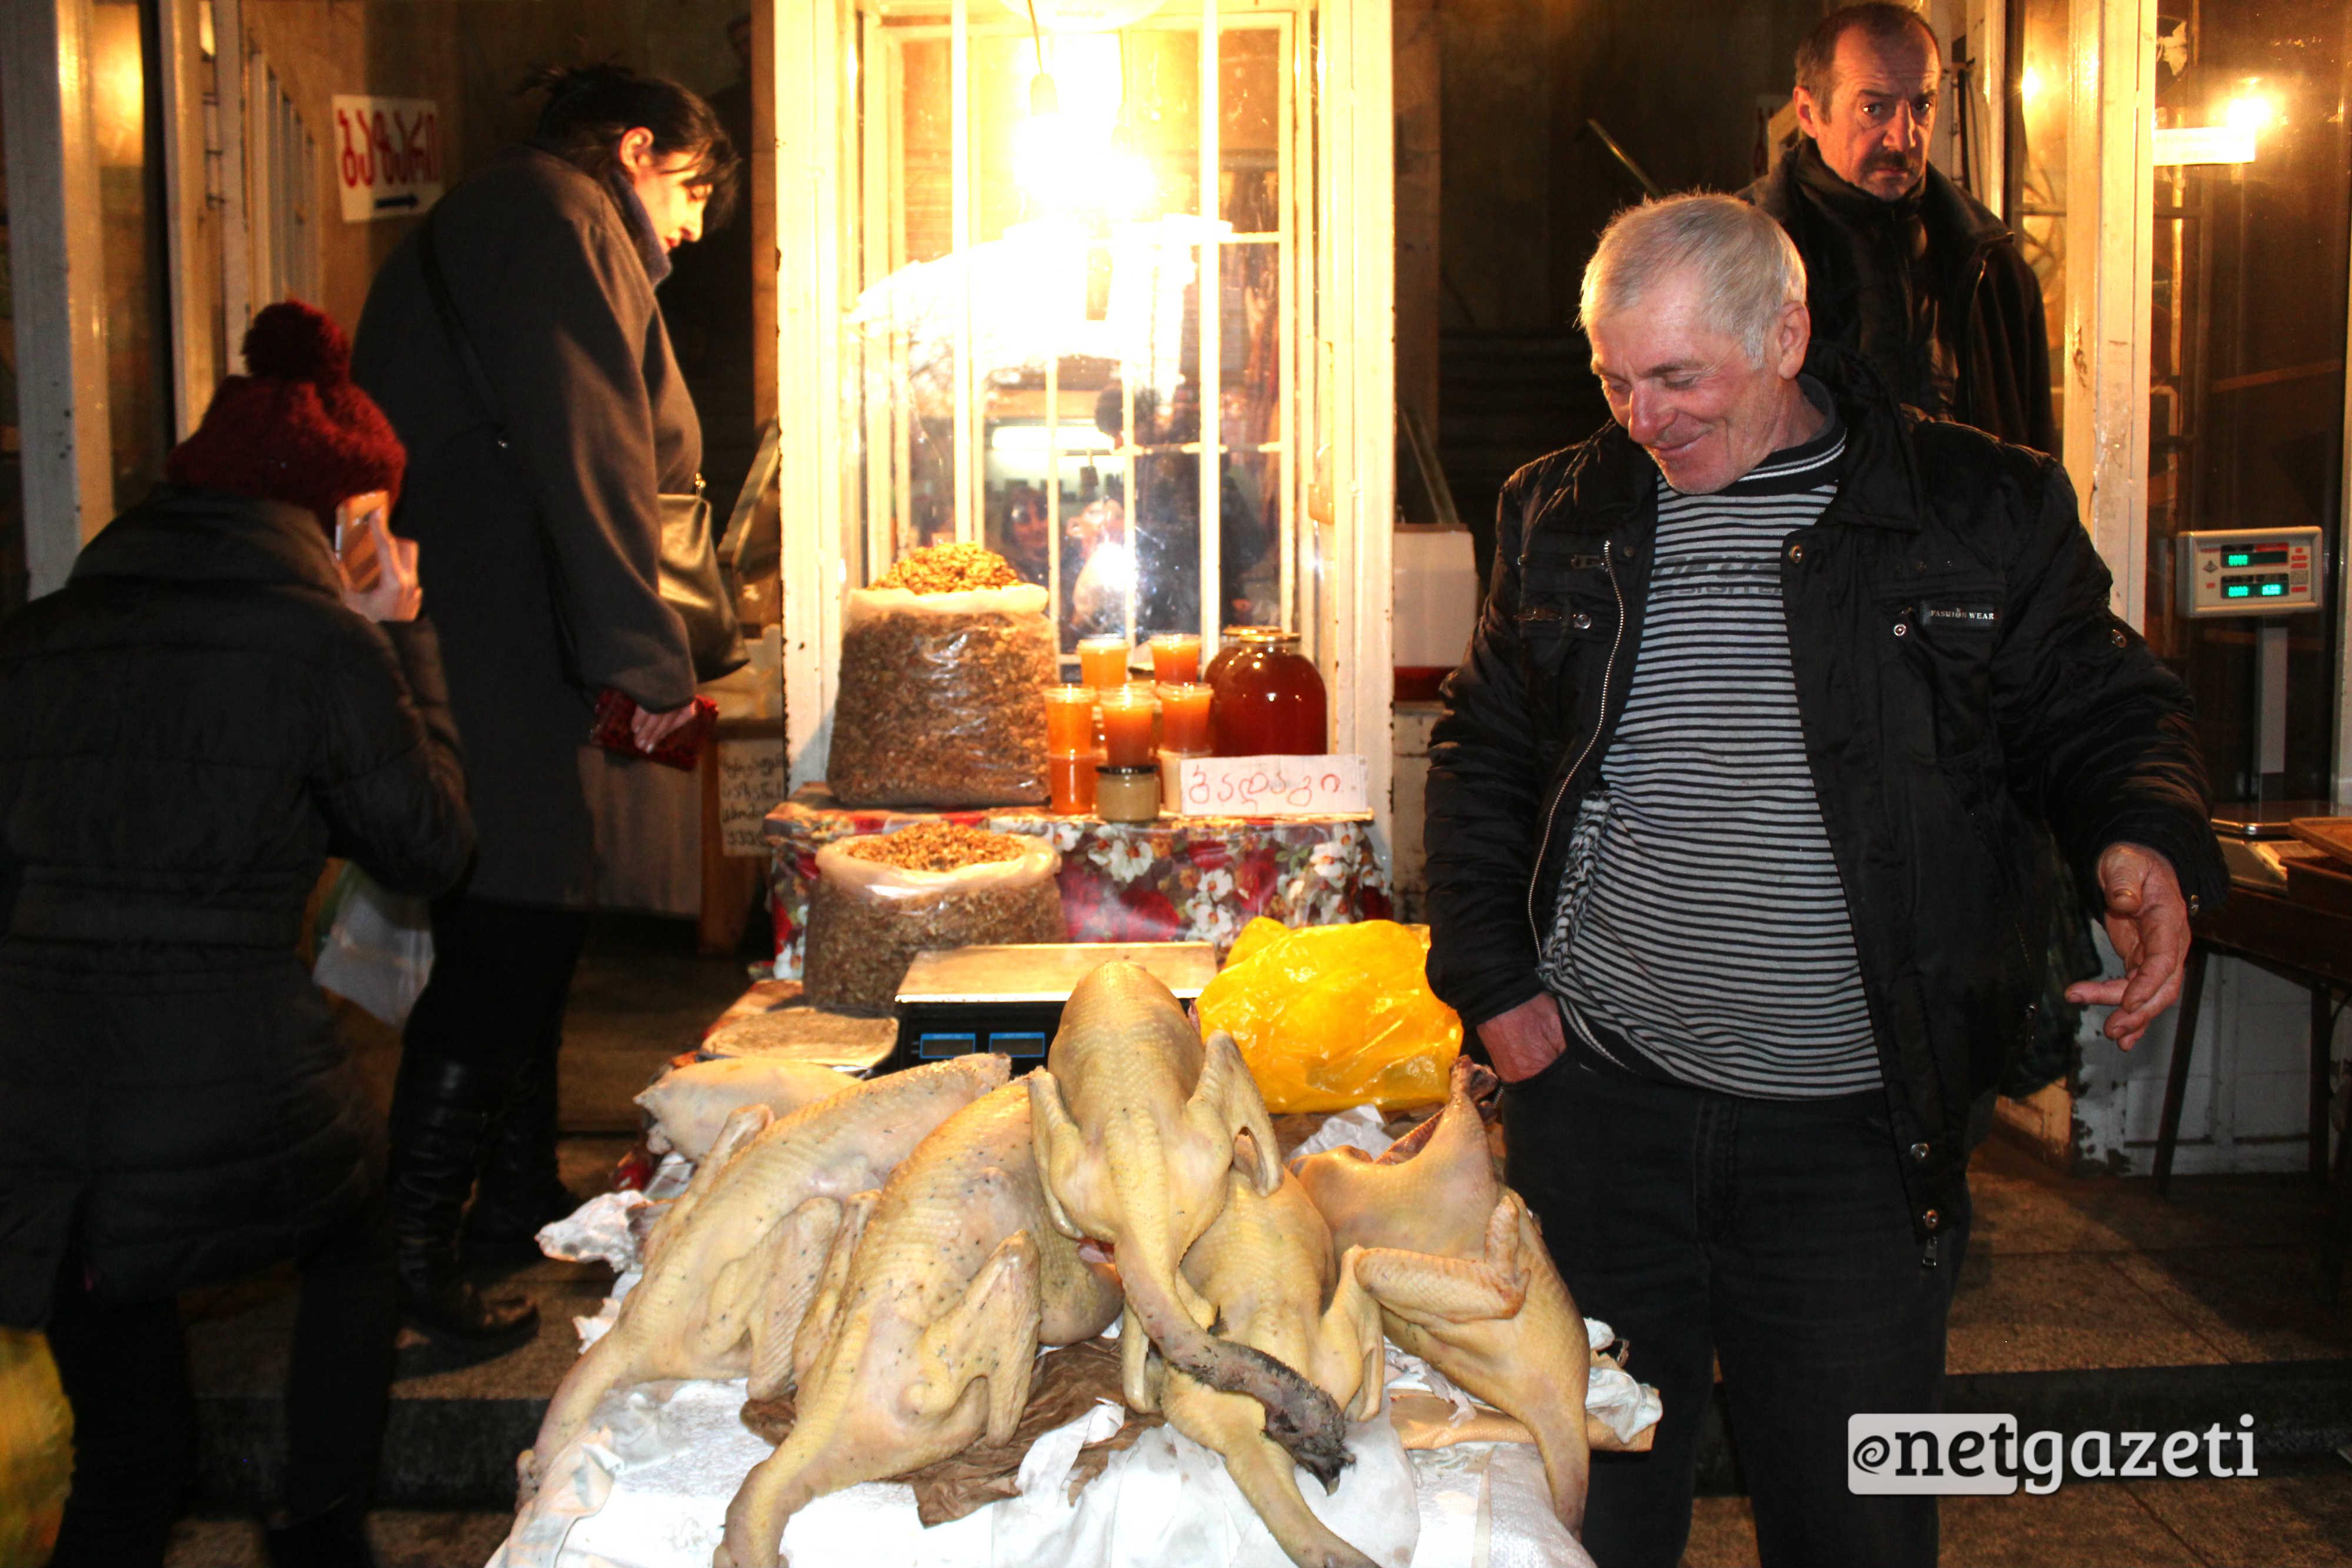 ინდაური, ყველი, ხილი, თბილისის ცენტრალური ბაზარი. ფოტო: გიორგი დიასამიძე/ნეტგაზეთი